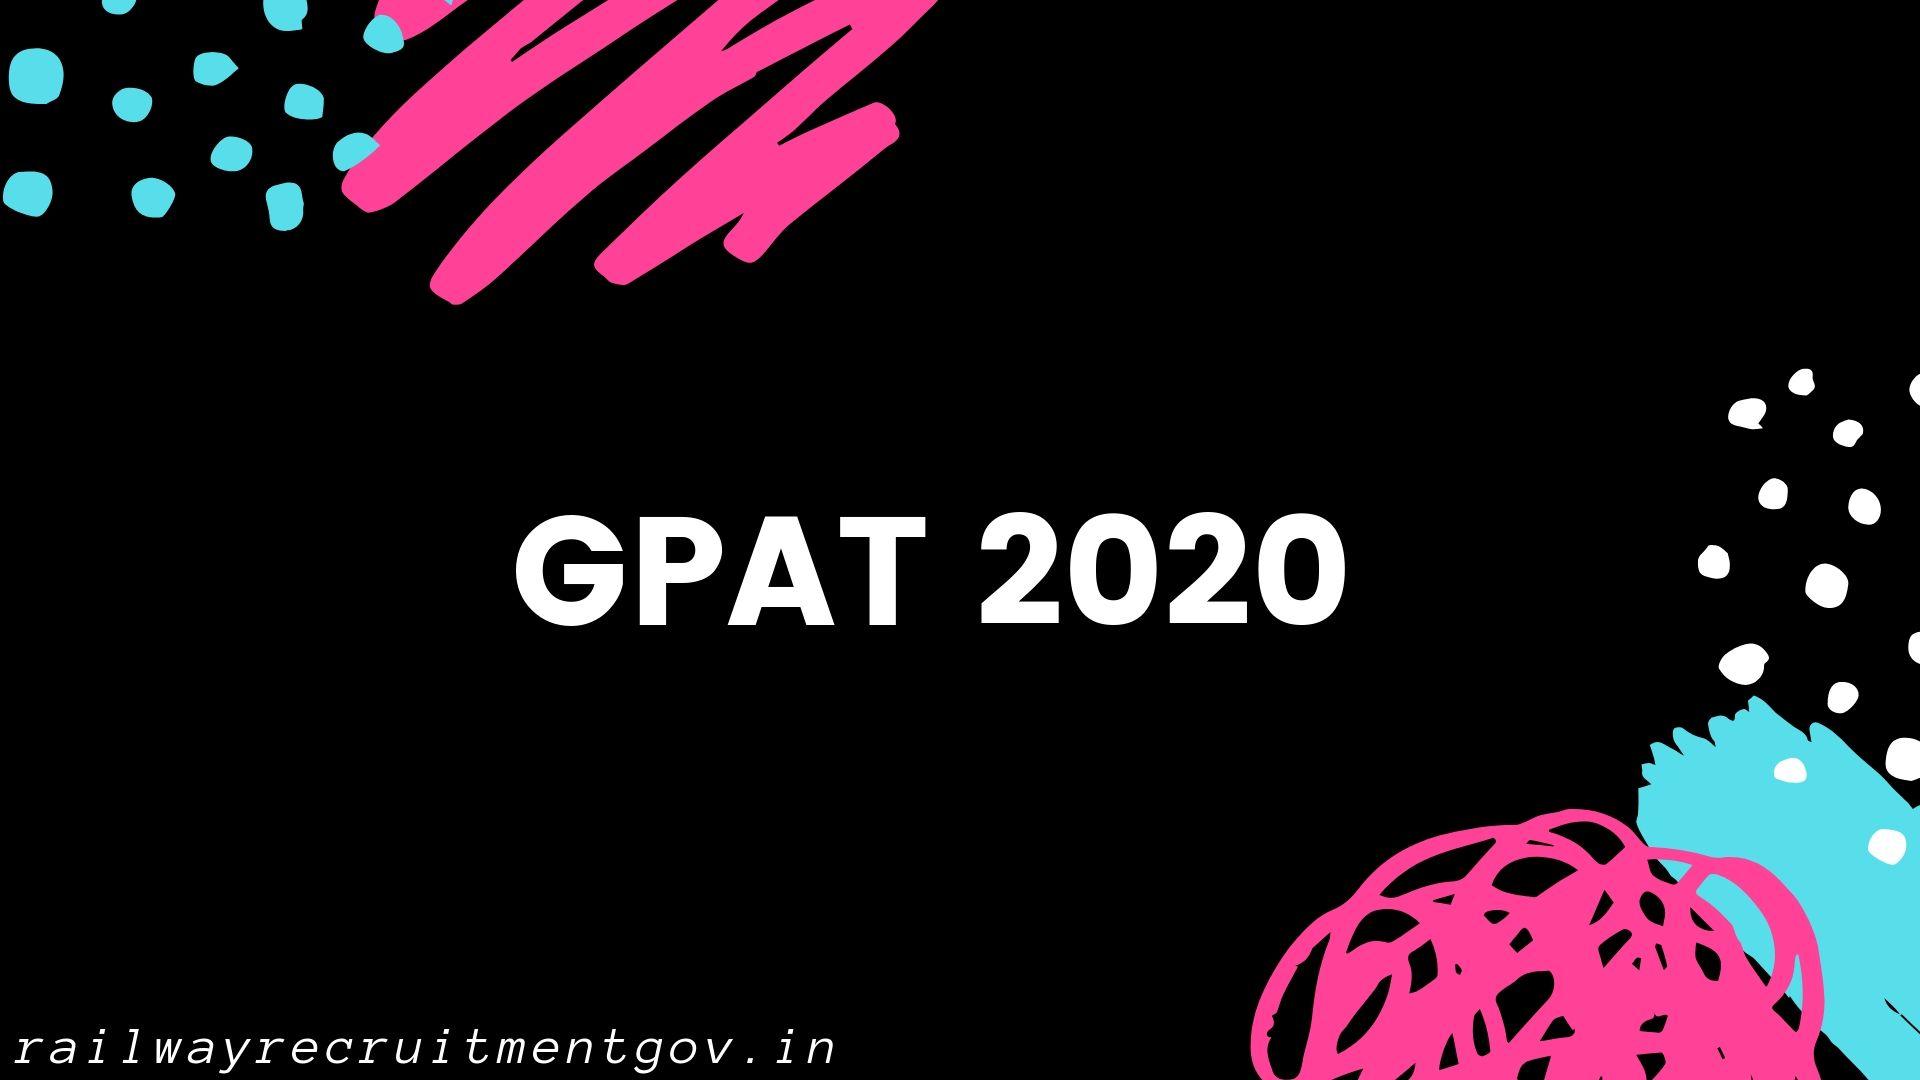 GPAT 2020